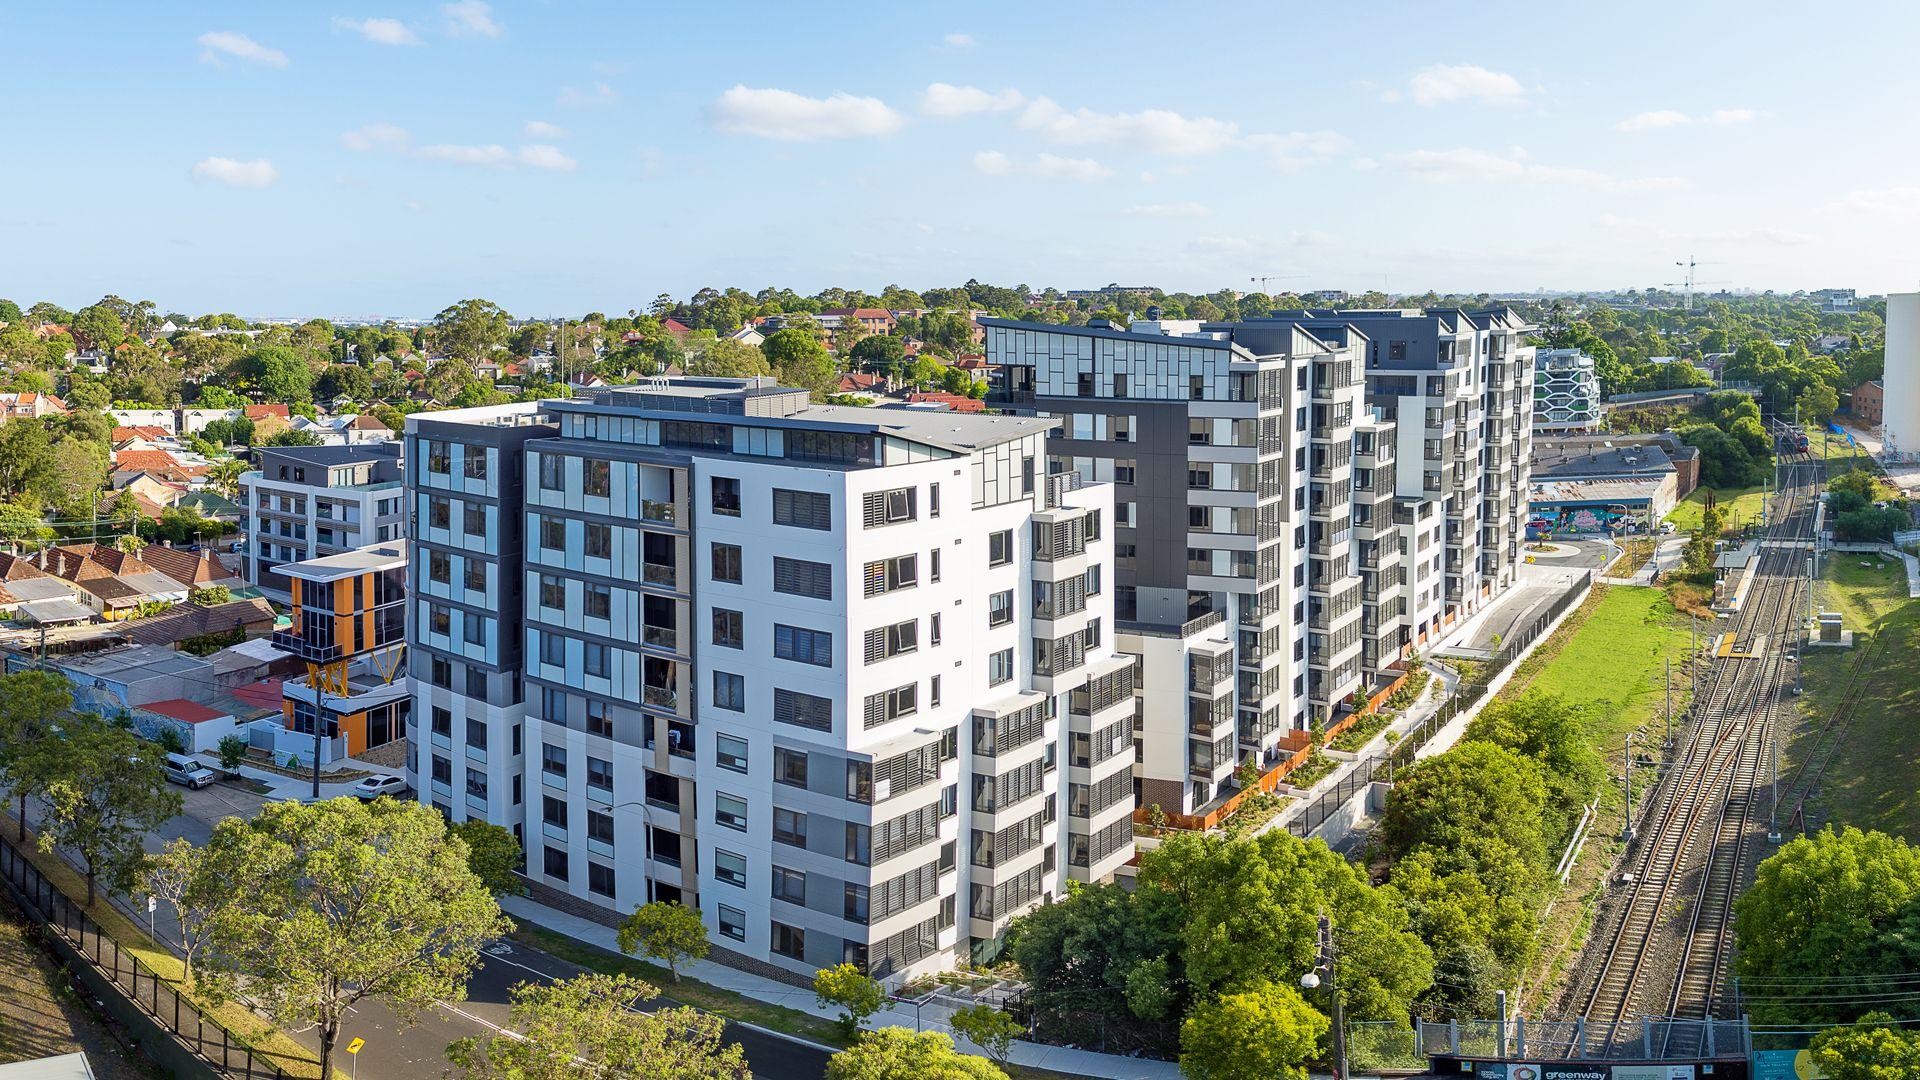 22  Hudson St, Lewisham, NSW 2049, Image 1